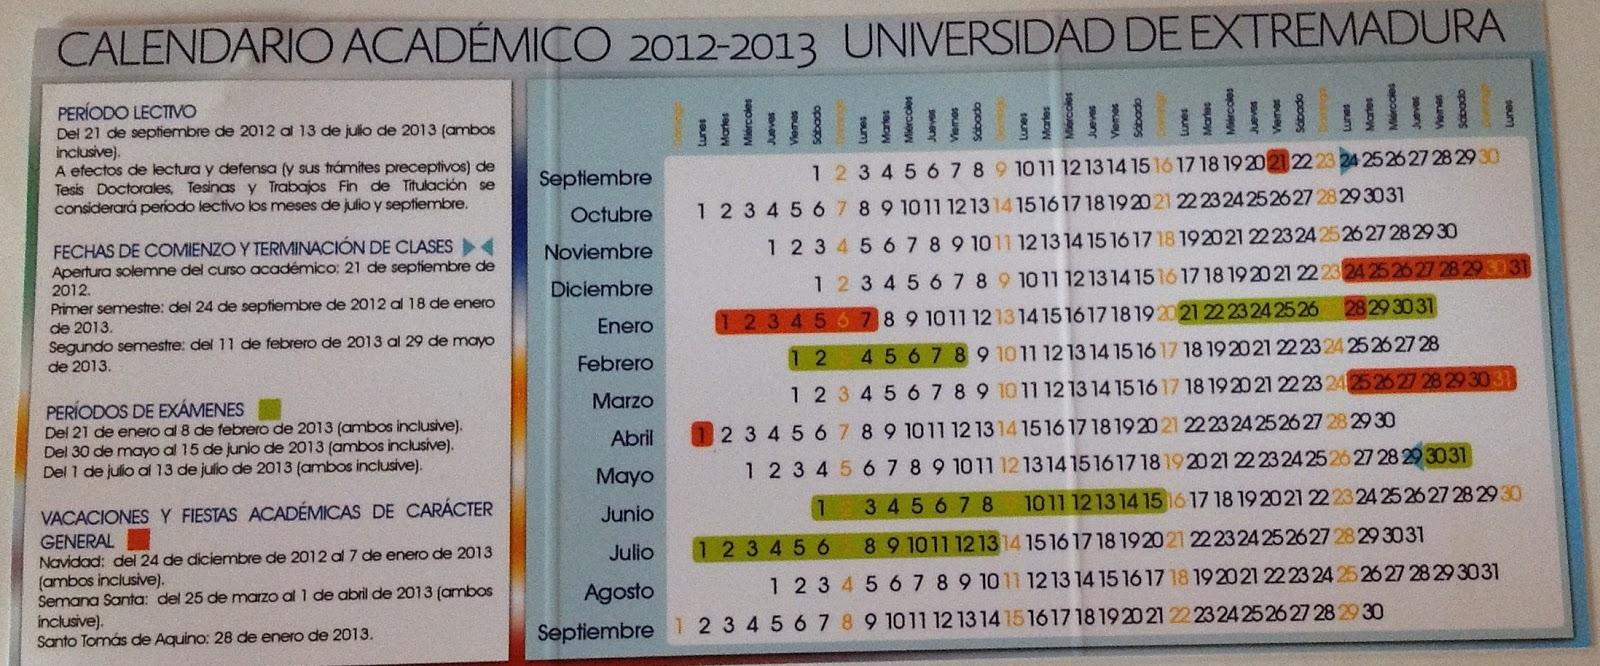 Calendario Uex.Escuela Politecnica De Caceres Uex Informacion Util Para El Curso